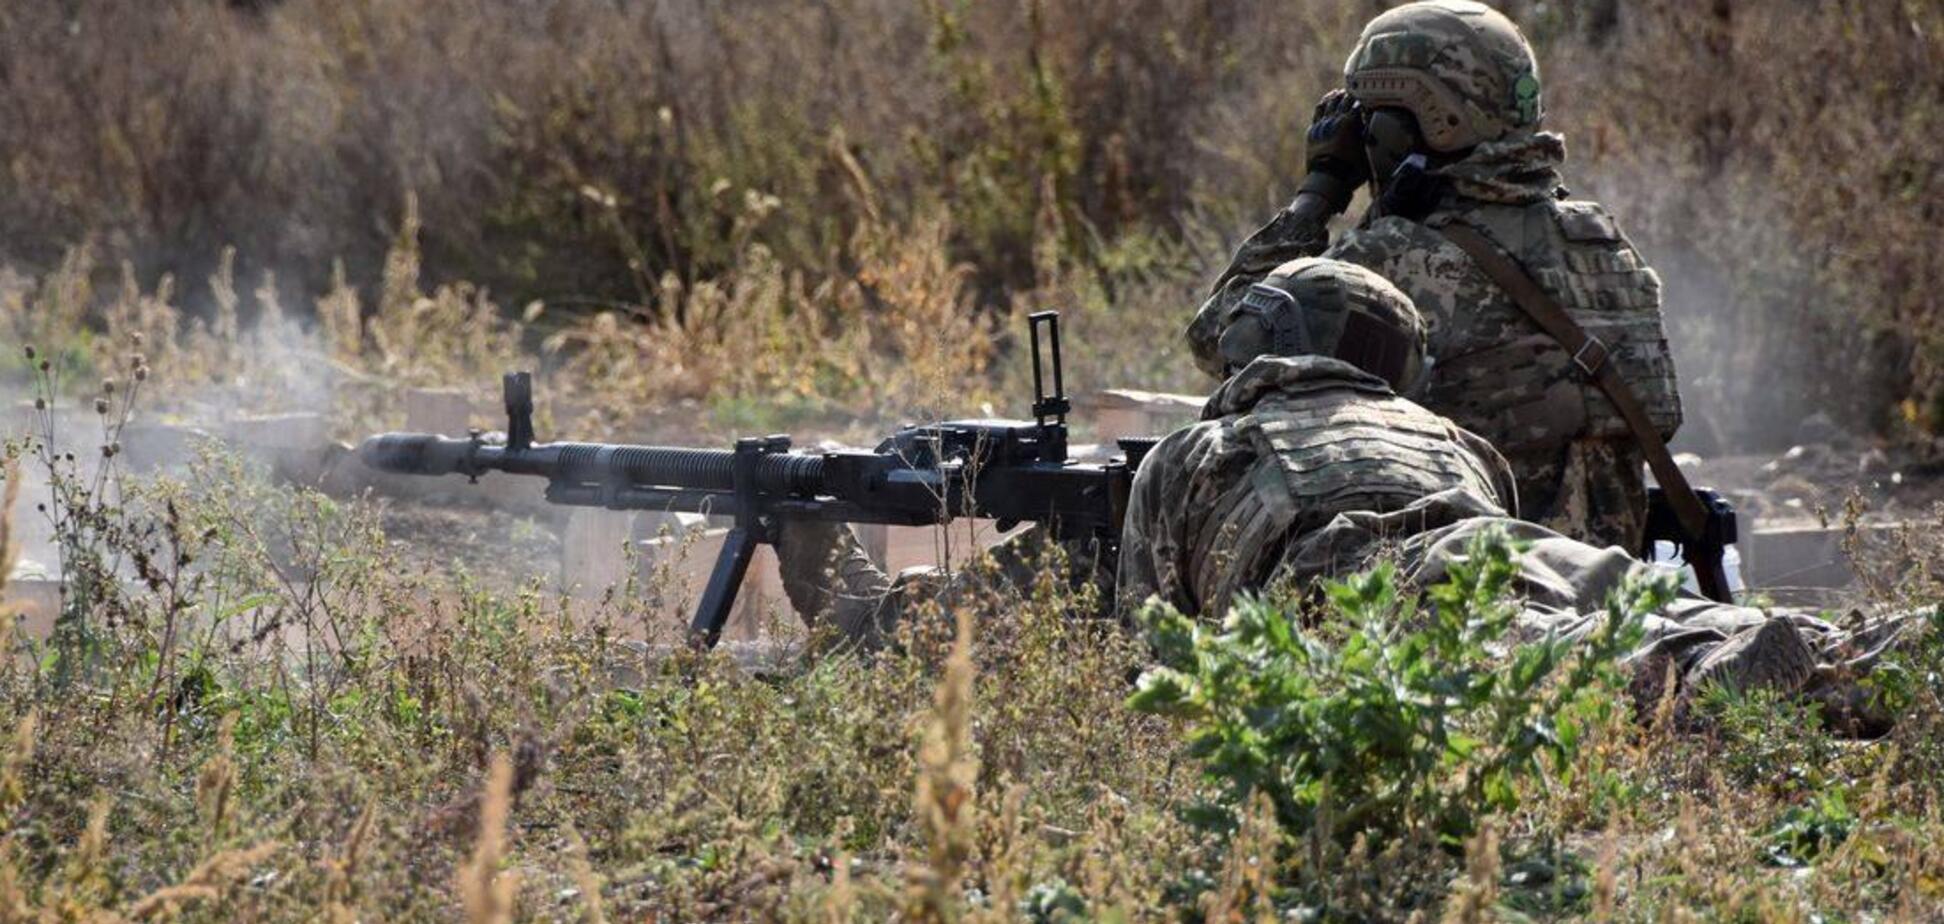 Вогнем у відповідь українські військові змусили ворога замовкнути